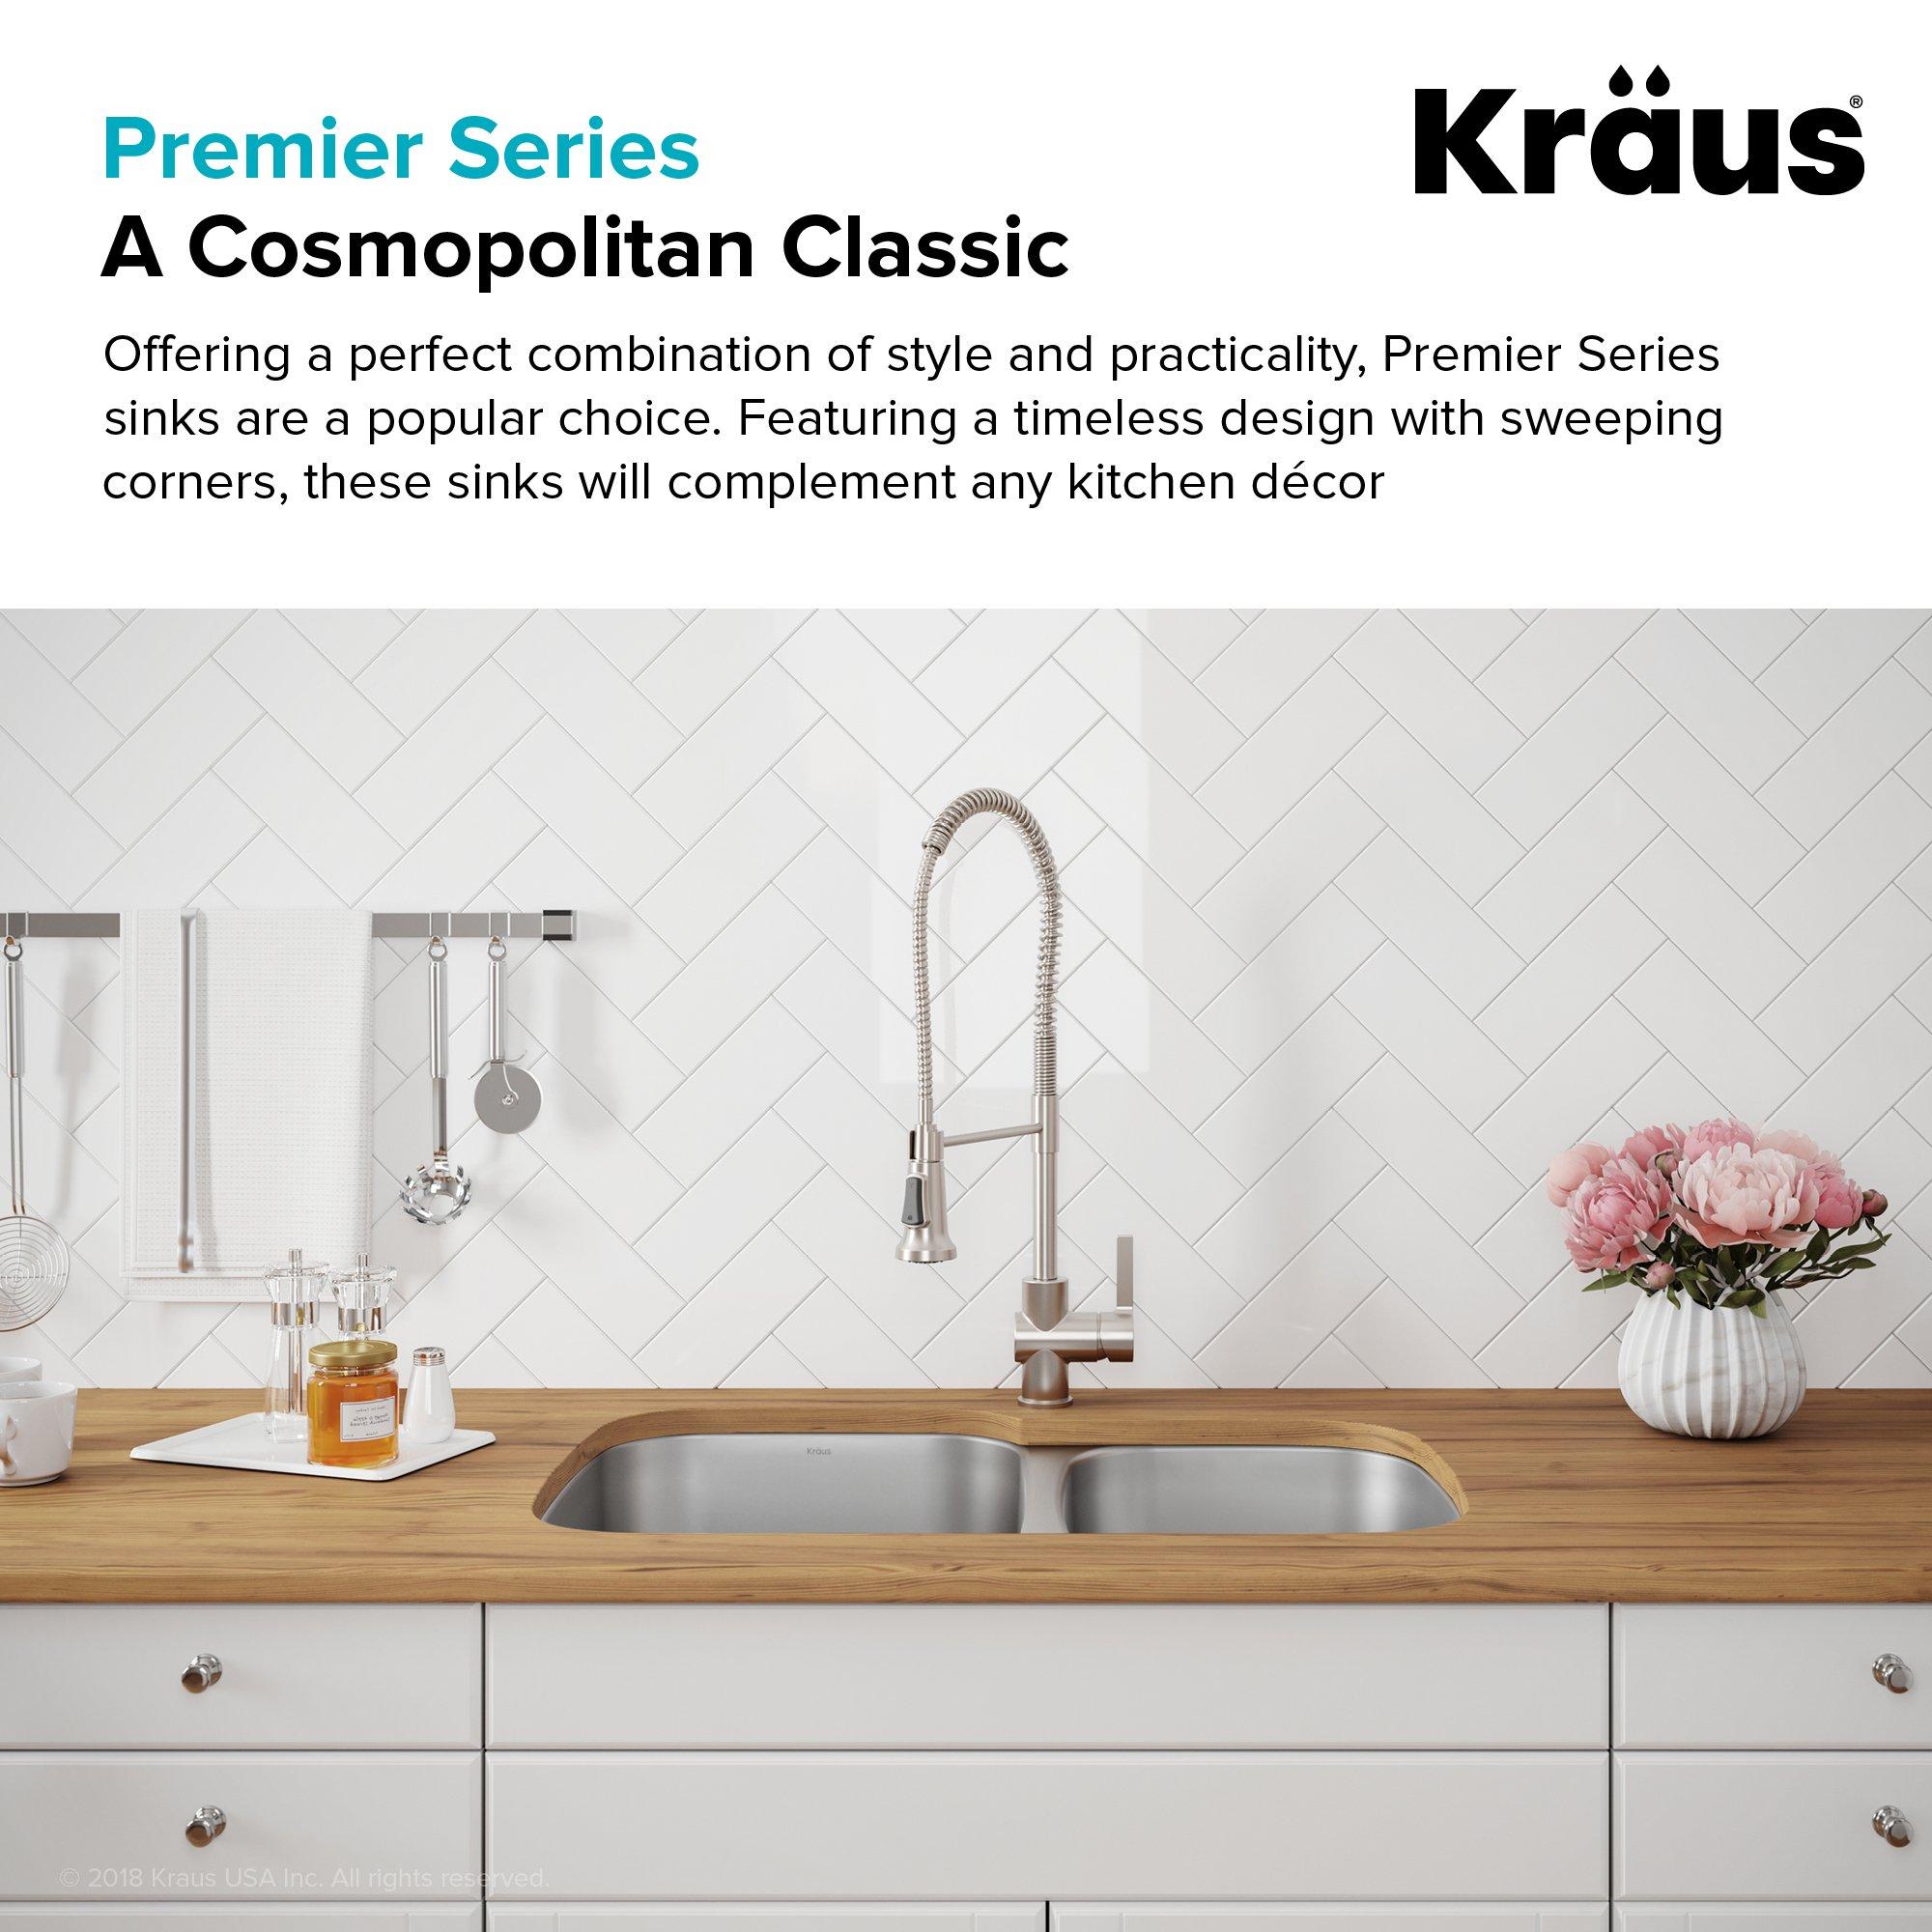 Kraus KBU24 32 inch Undermount 60/40 Double Bowl 16 gauge Stainless Steel Kitchen Sink by Kraus (Image #4)